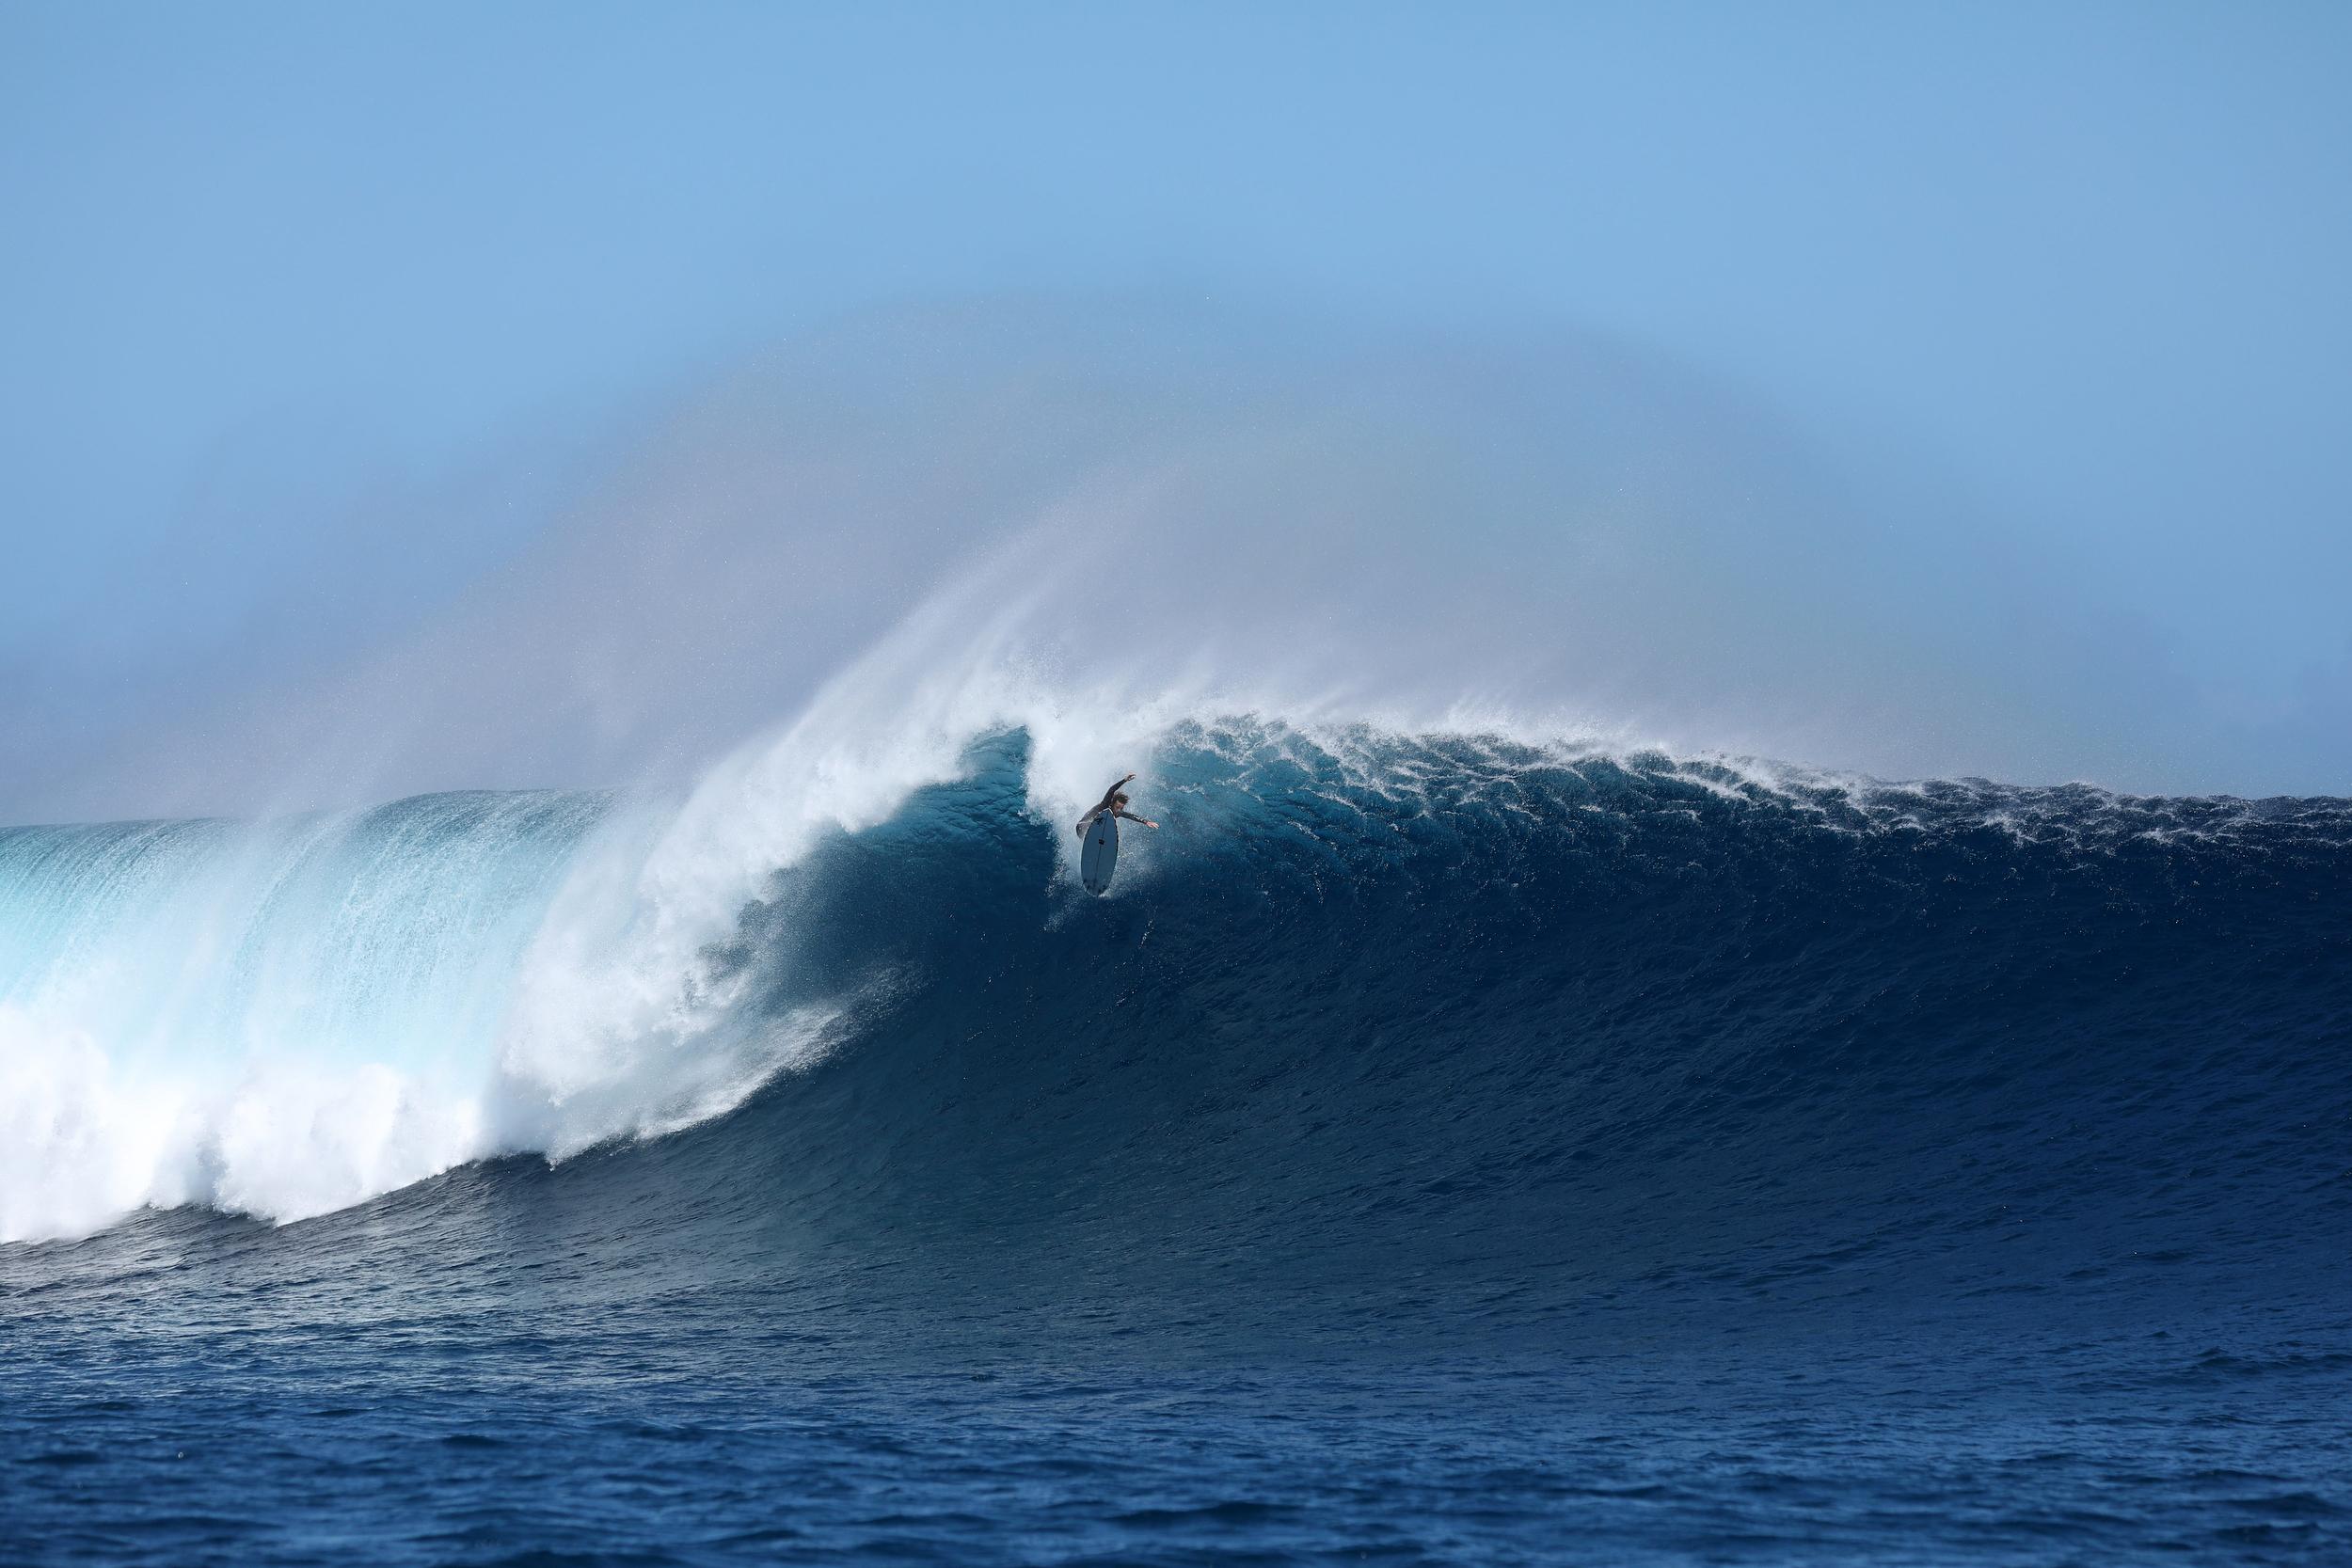 a4bd8b8207 Praia do Barbas Surf Report & Forecast - Live Surf Cam - Surfline